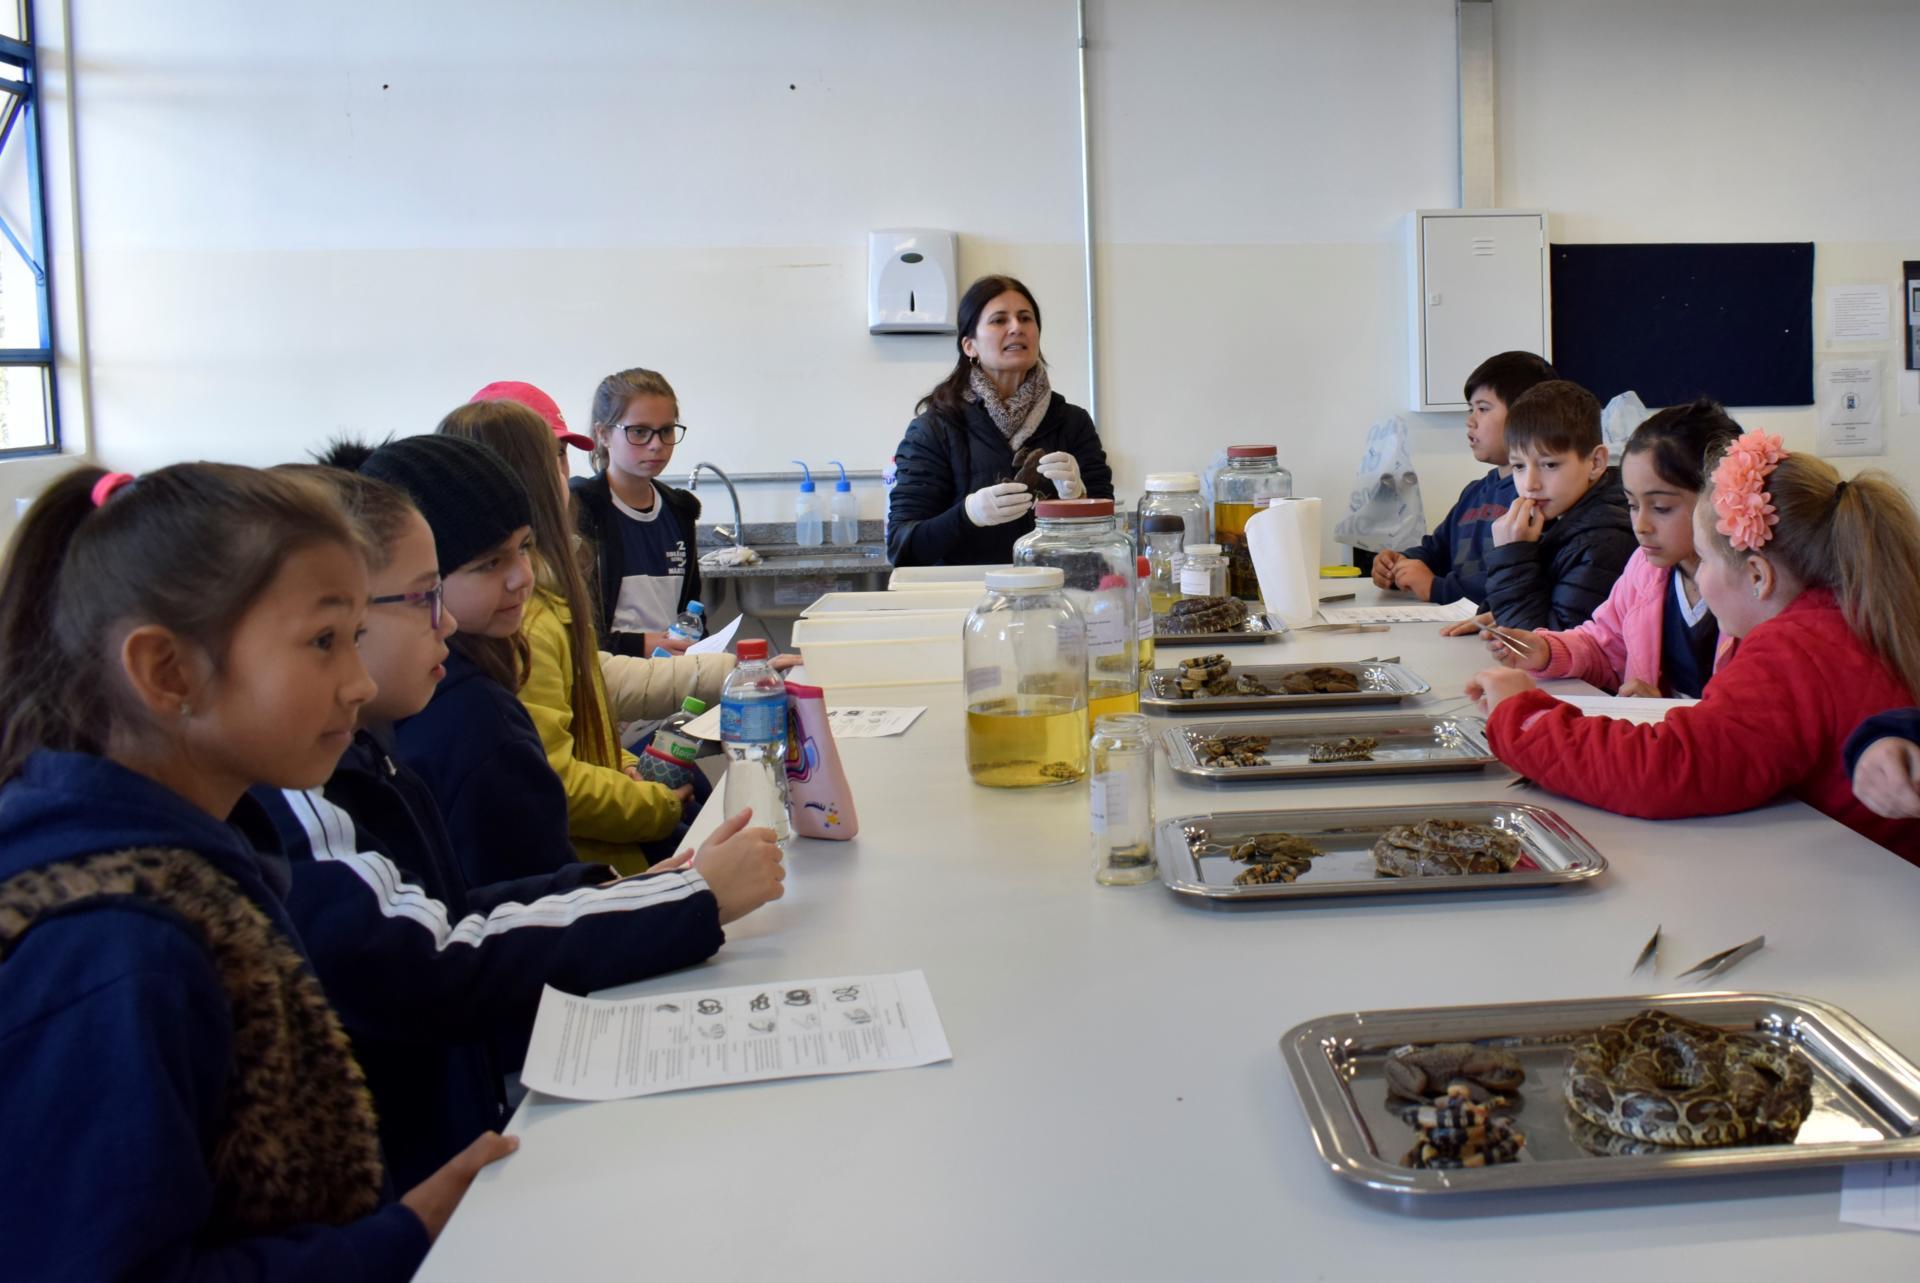 Foto colorida horizontal mostra crianças sentadas ao redor de uma grande mesa, com uma professora na ponta, e sobre a mesa há bandejas com animais peçonhentos, como cobras